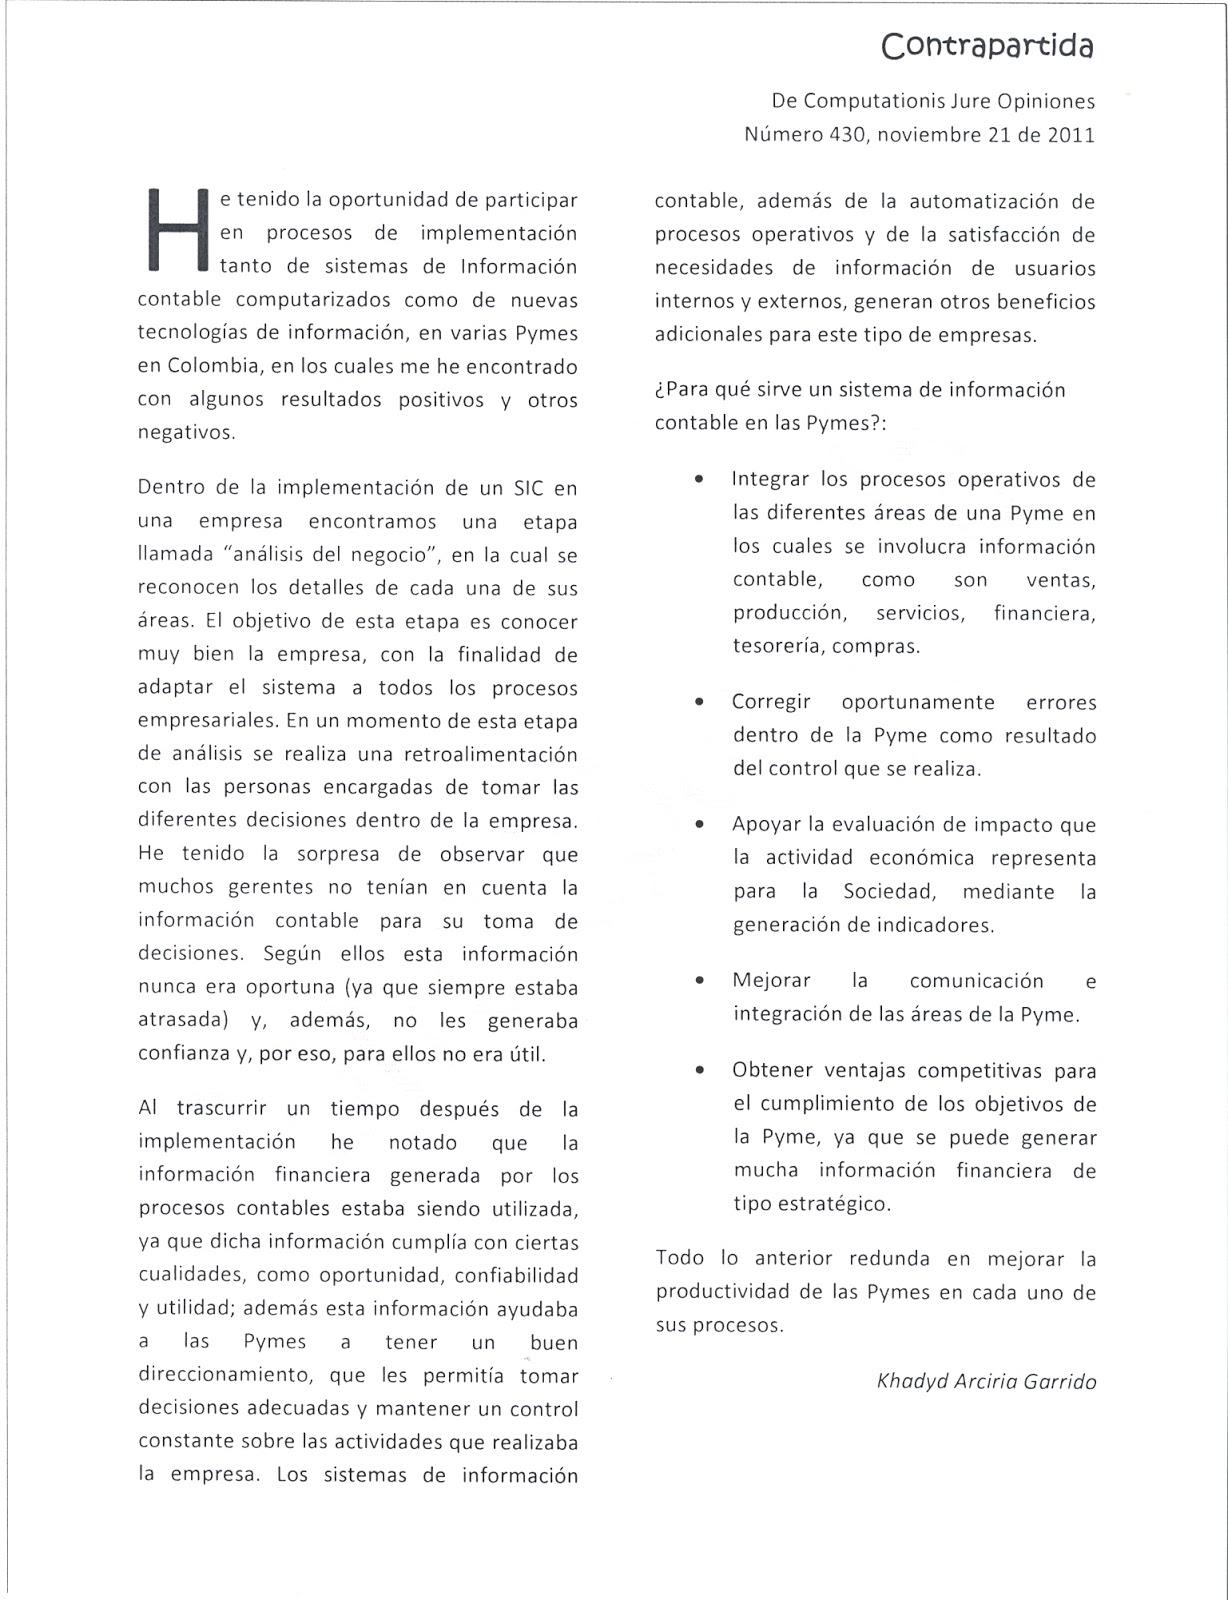 Sistemas de Información Contable - Diana Carolina Vargas - U. Javeriana